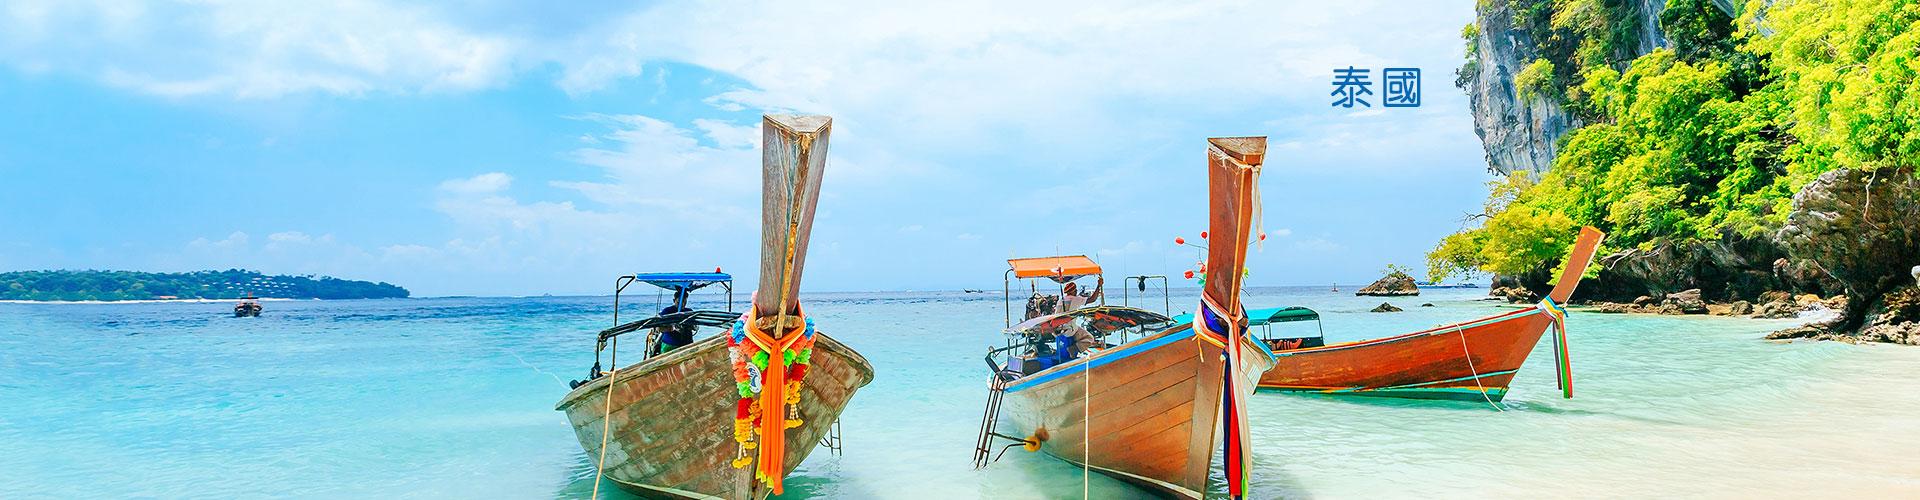 Thailand_zh-hk.jpg